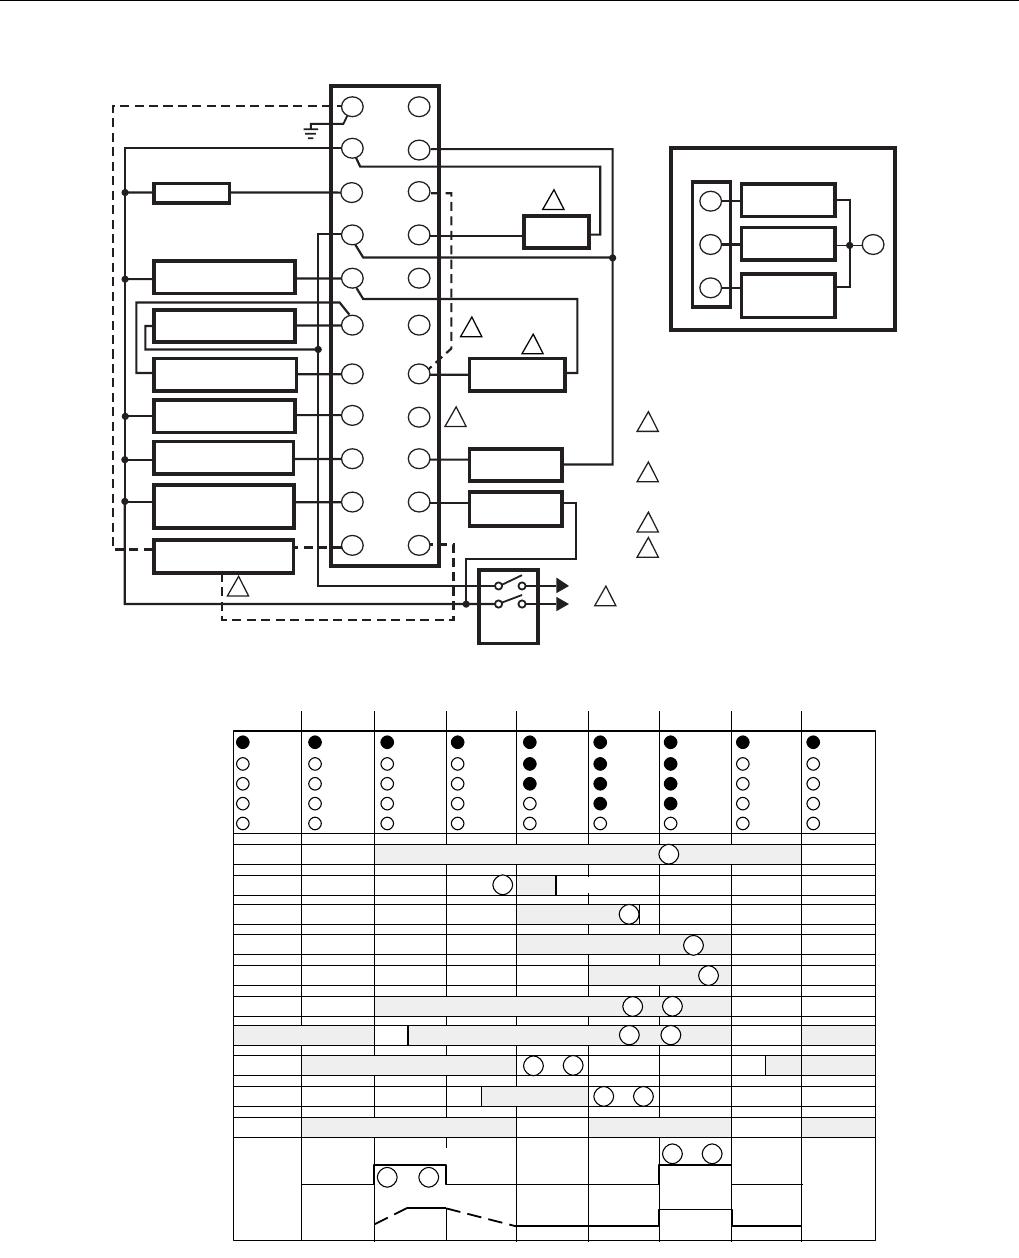 Honeywell RM7800G, RM7800L, RM7800M, RM7840E, RM7840G